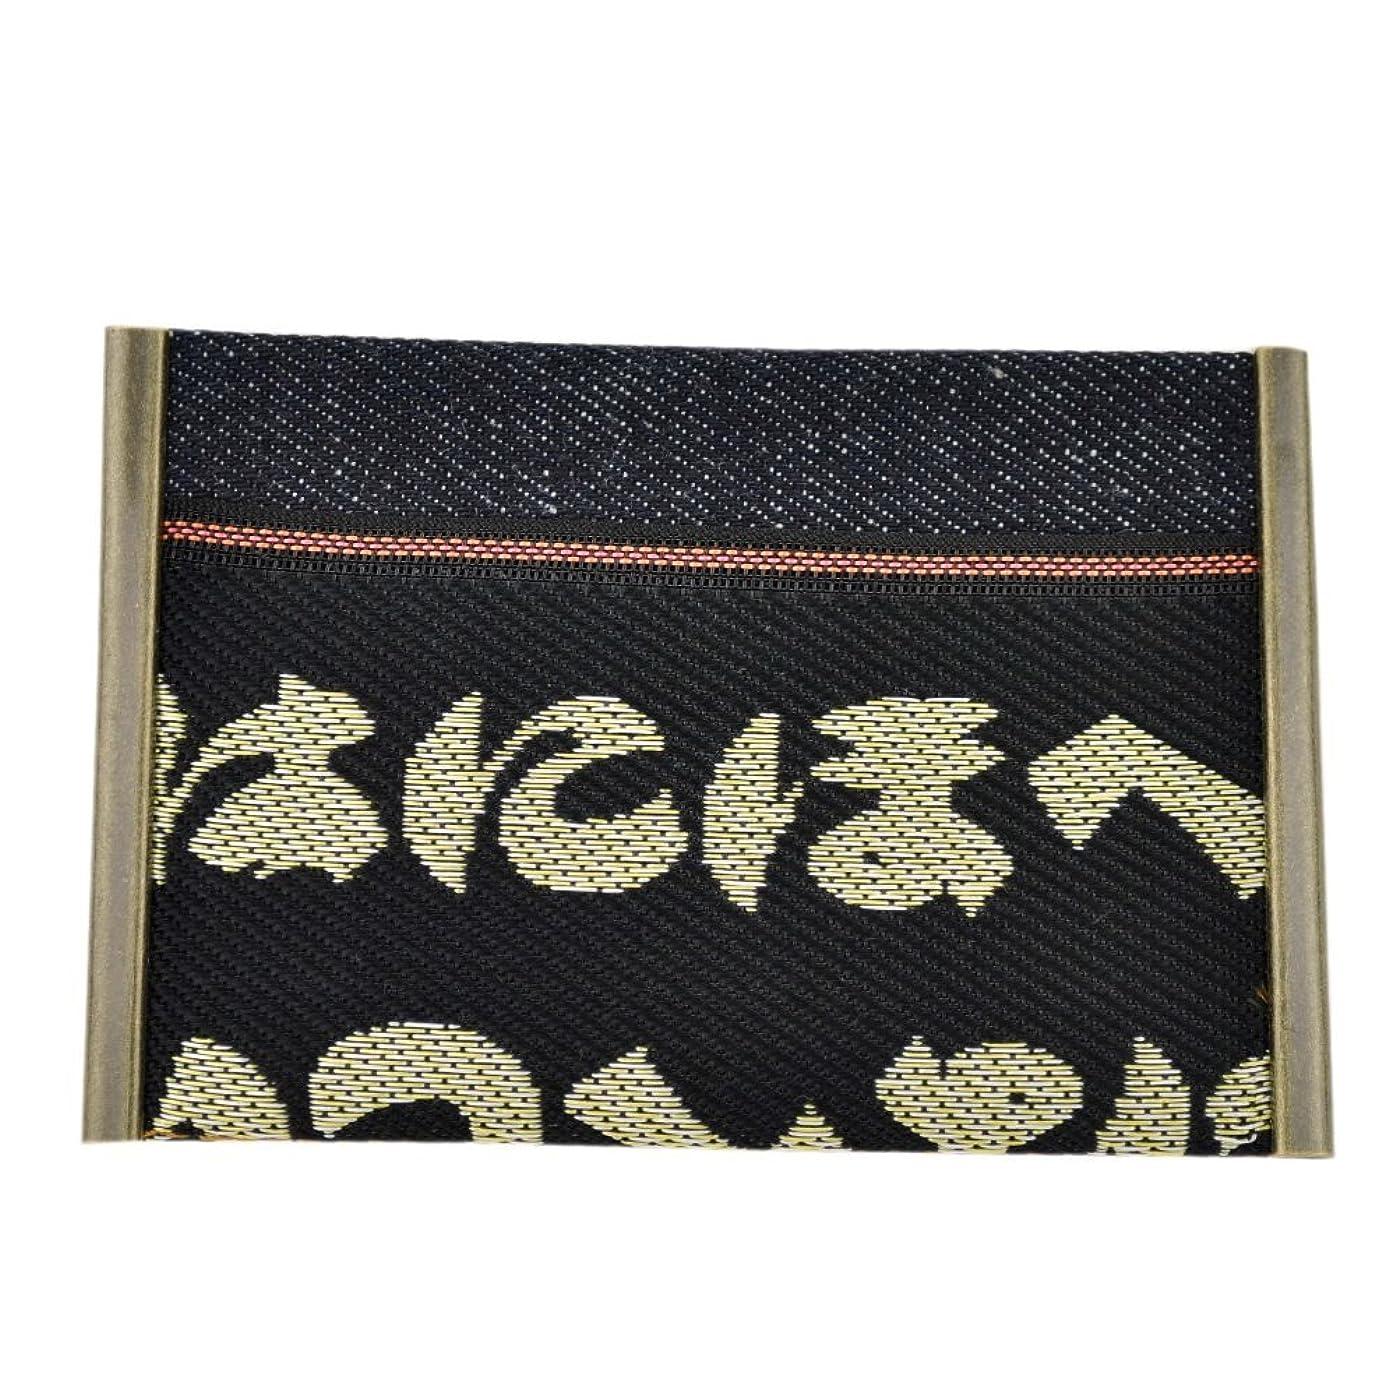 隔離する選挙チャーミング畳縁×赤耳デニムのカードケース、名刺入れ【いろは】倉敷発日本産の高級大宮畳縁を使用した和柄カード入れ